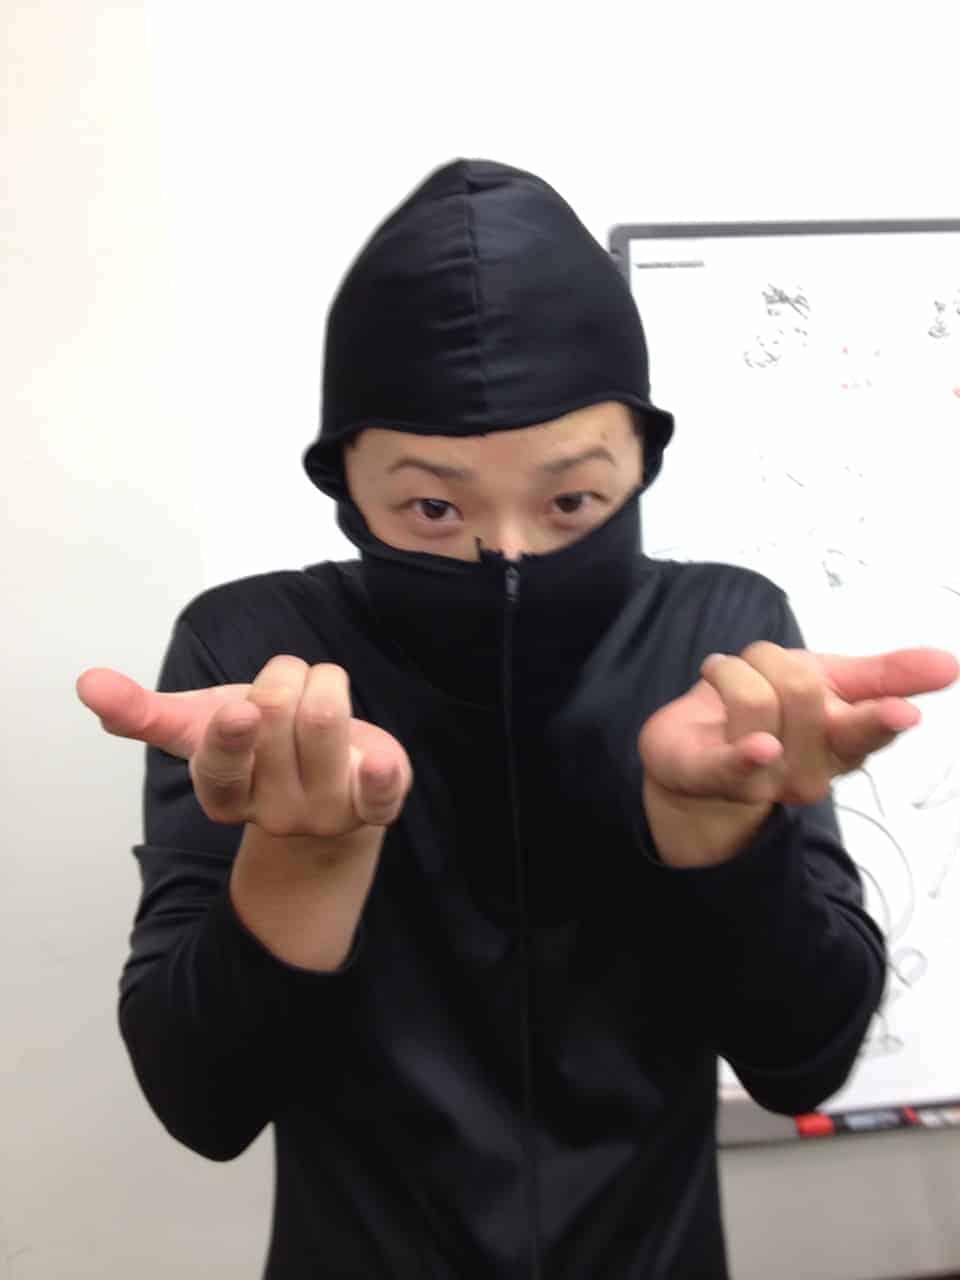 329193843461 - ゼミ生紹介NO.19〜松浦凌〜